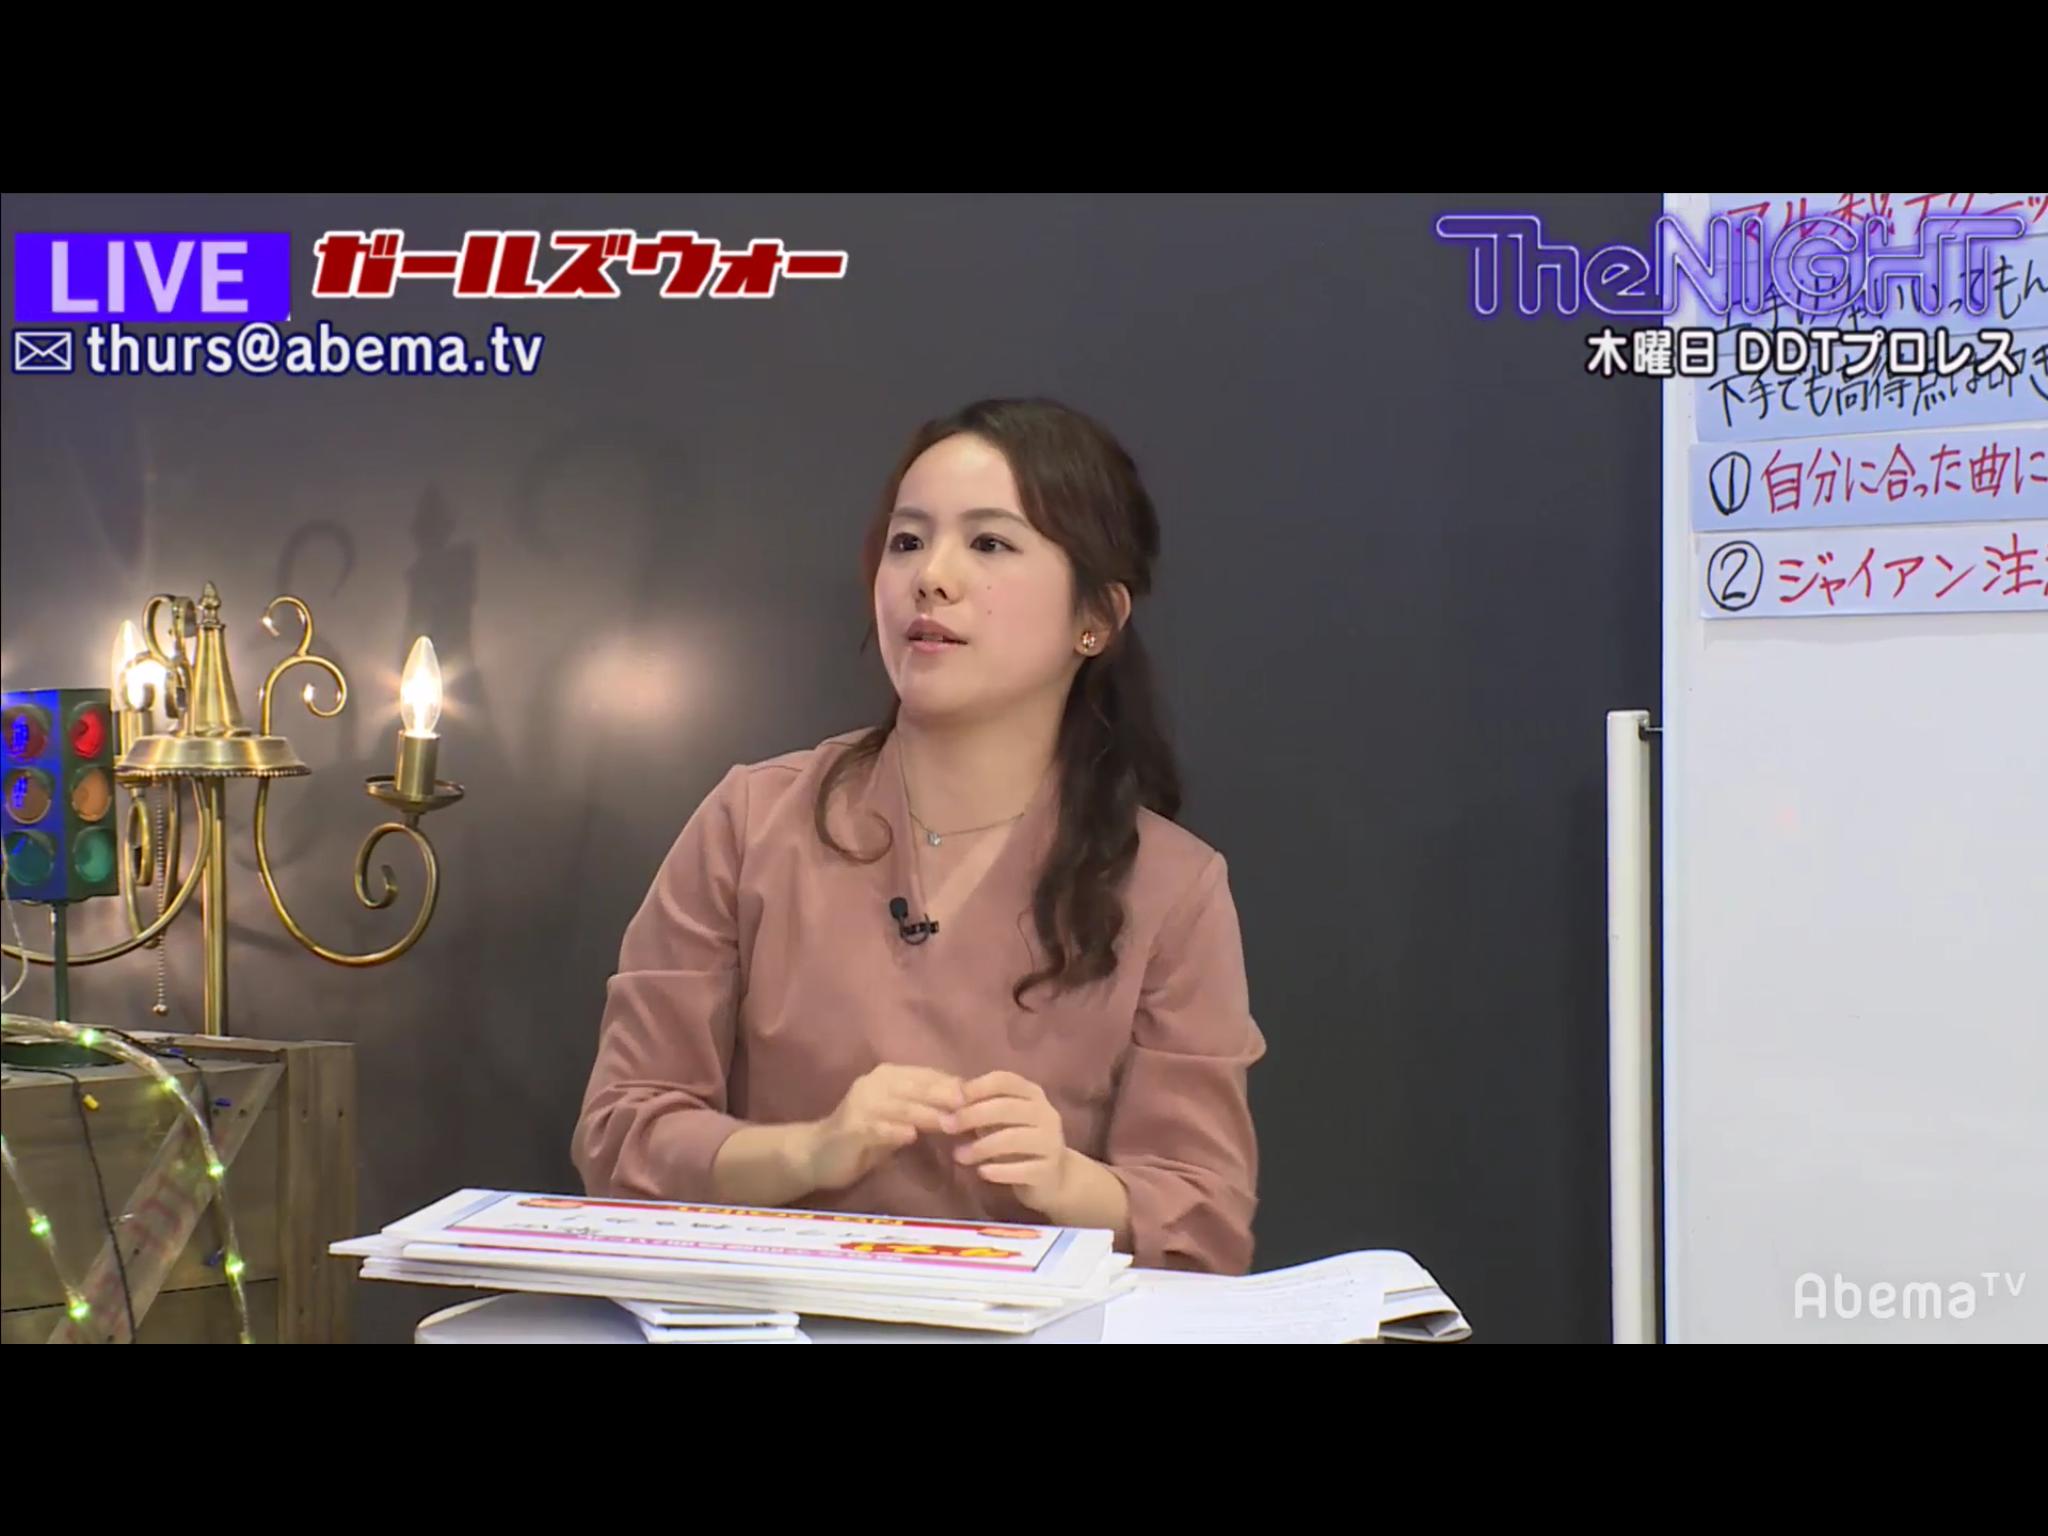 小澤先生、AbemaTVへ出演しました